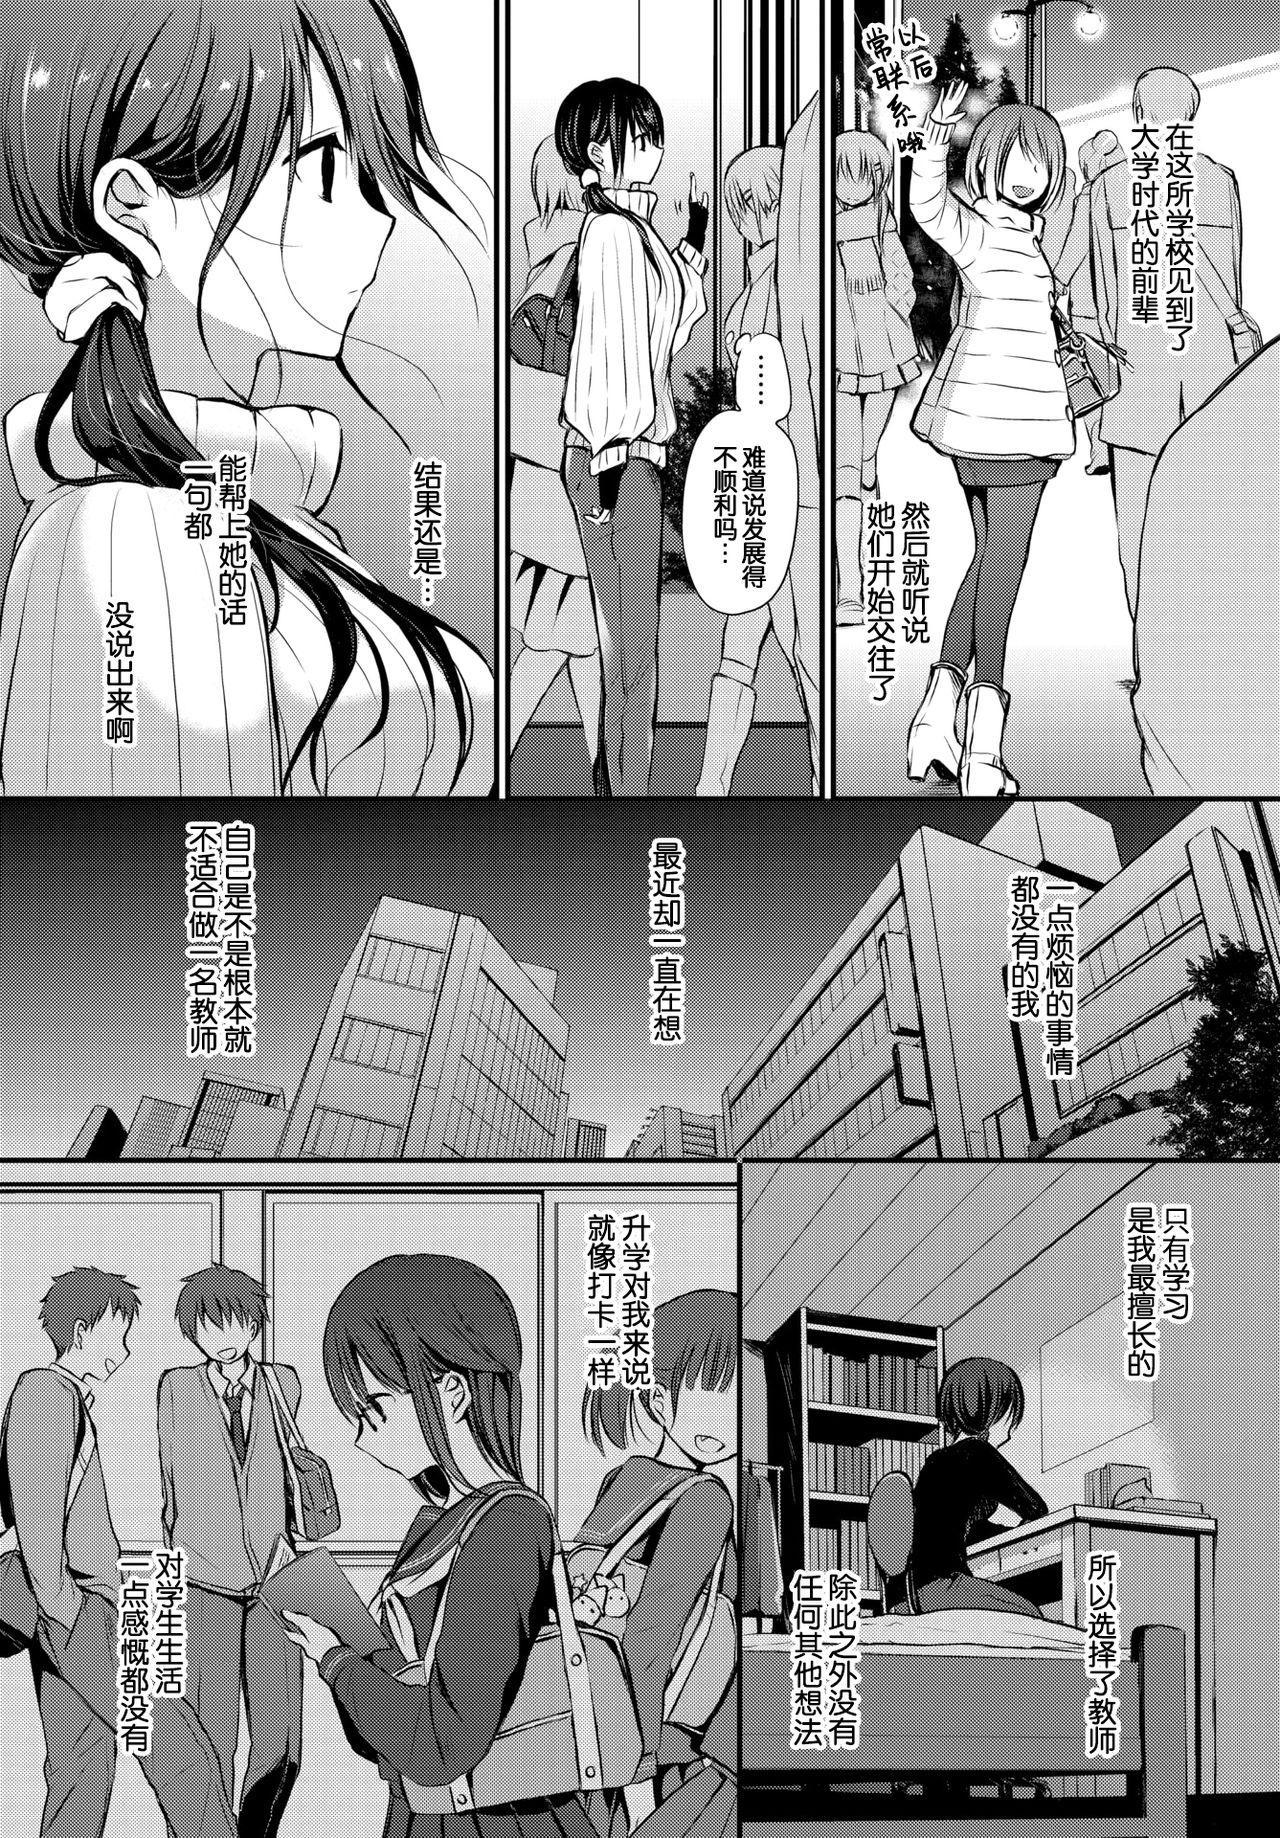 Tokubetsu Atsukai. - Special Treatment 4